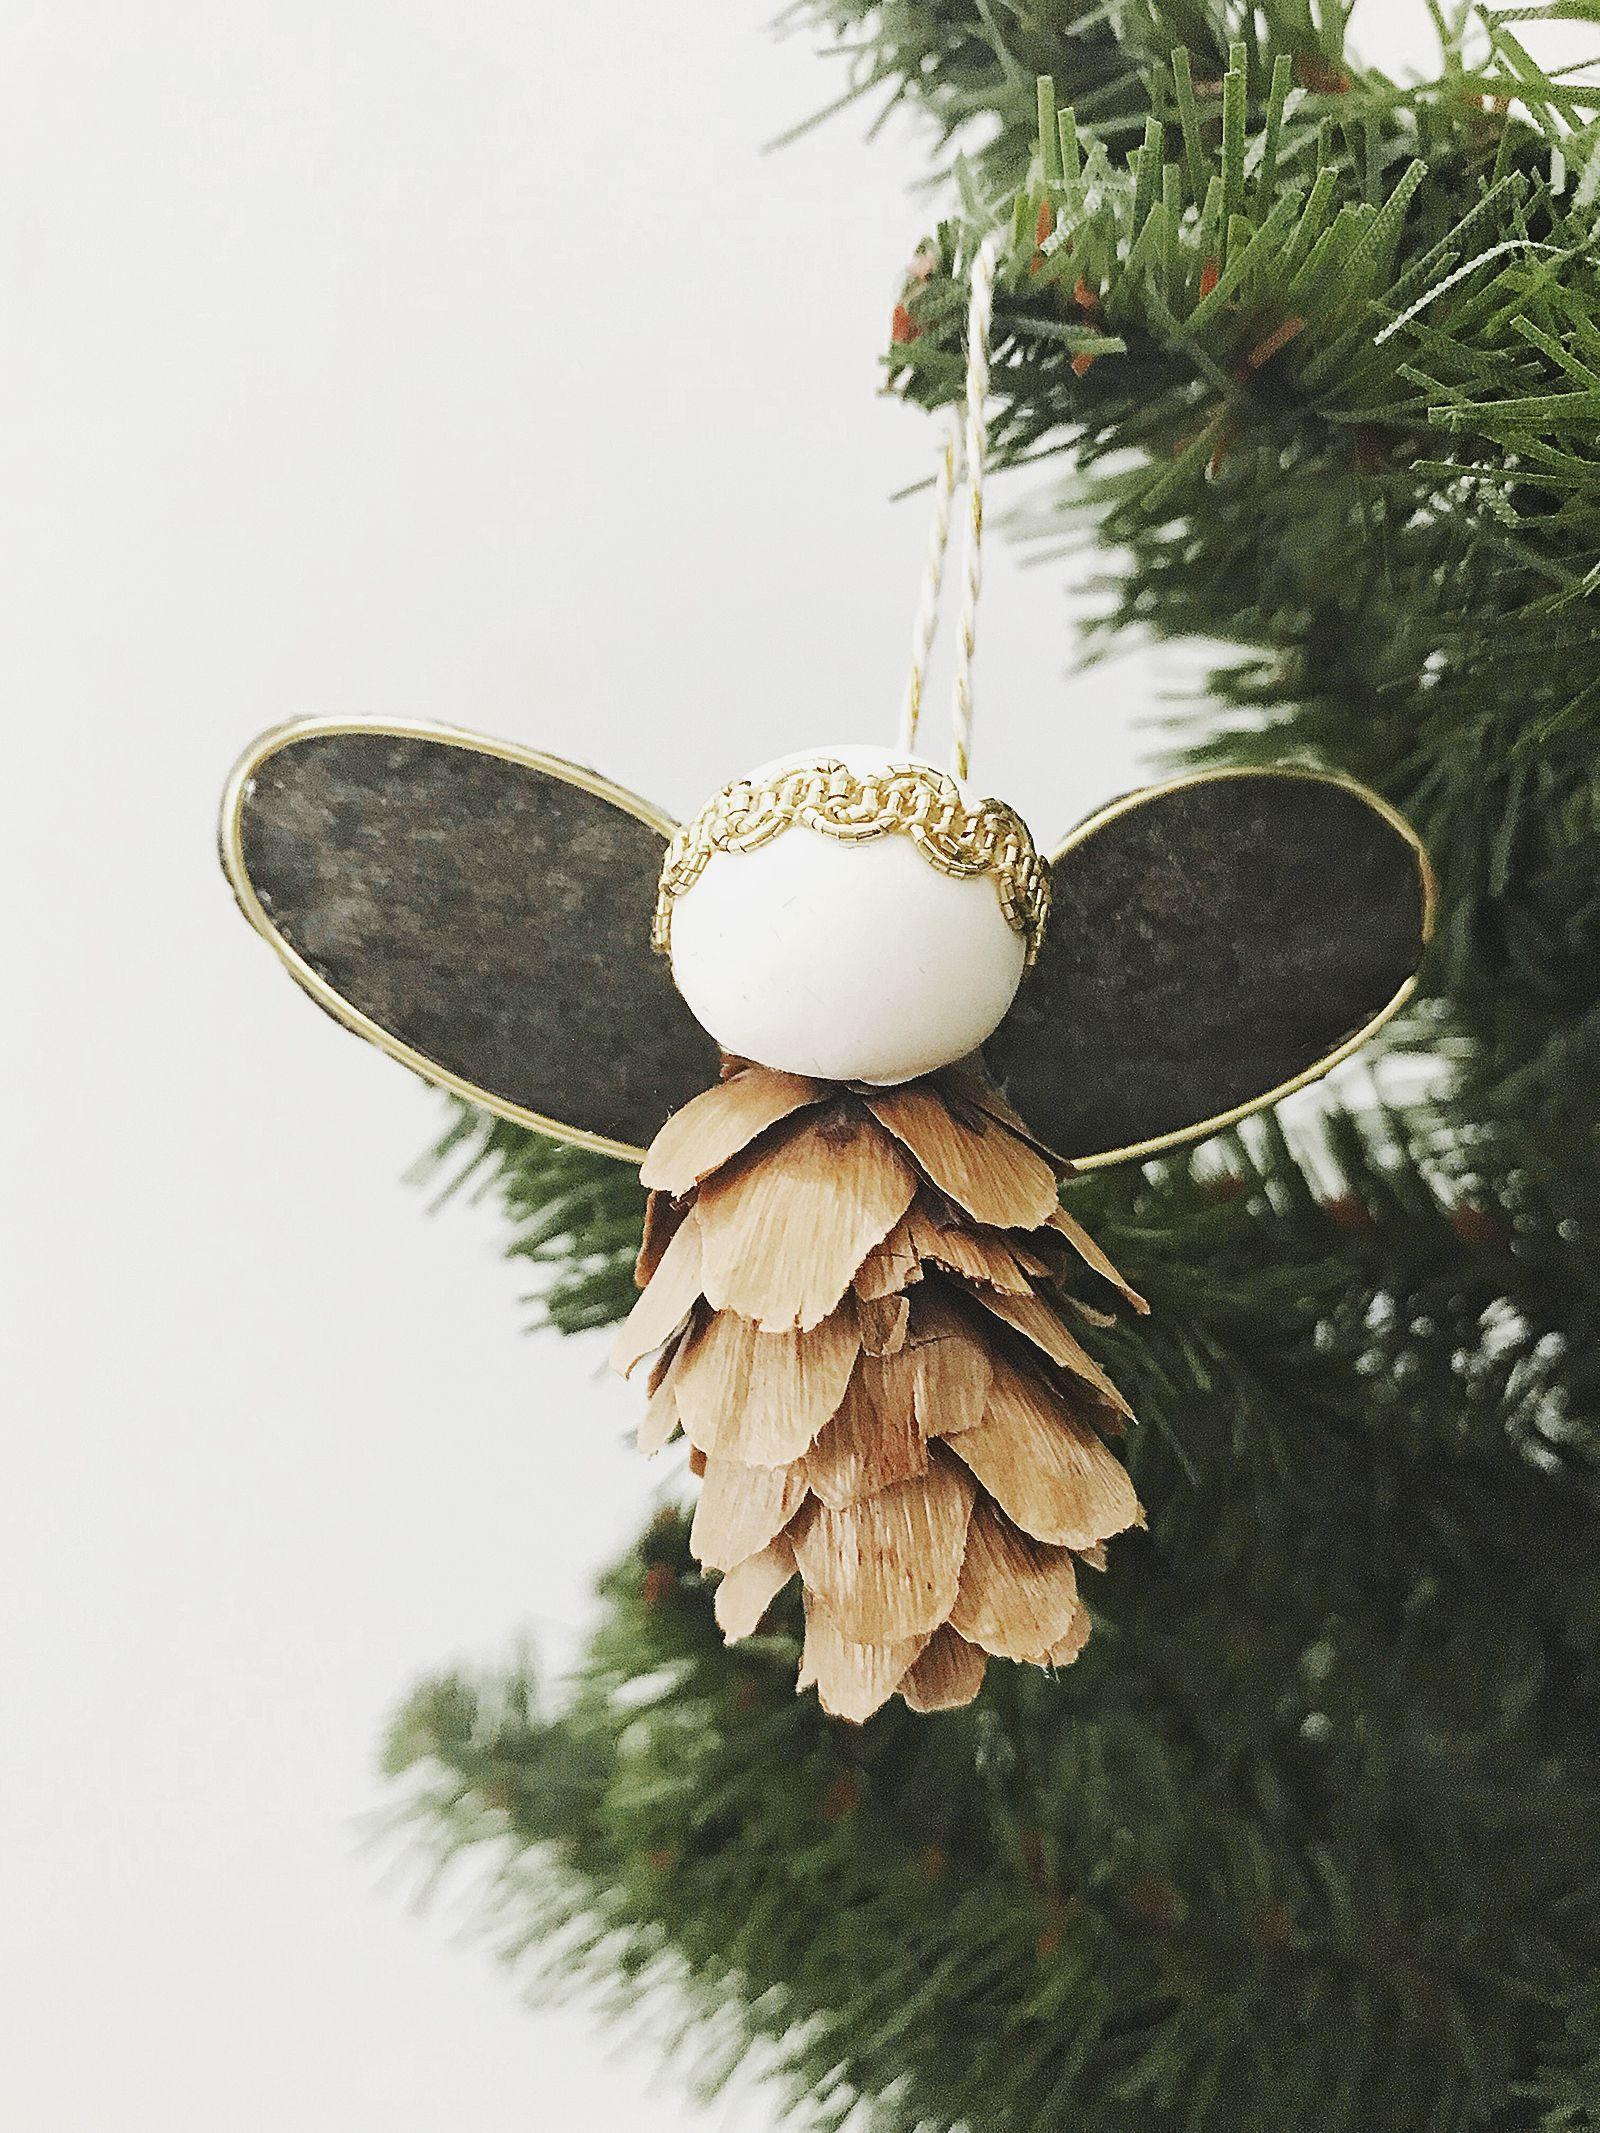 Ornament No 1 Pinecone Angel Ornament Diy Angels Diy Angel Ornaments Angel Ornaments Diy